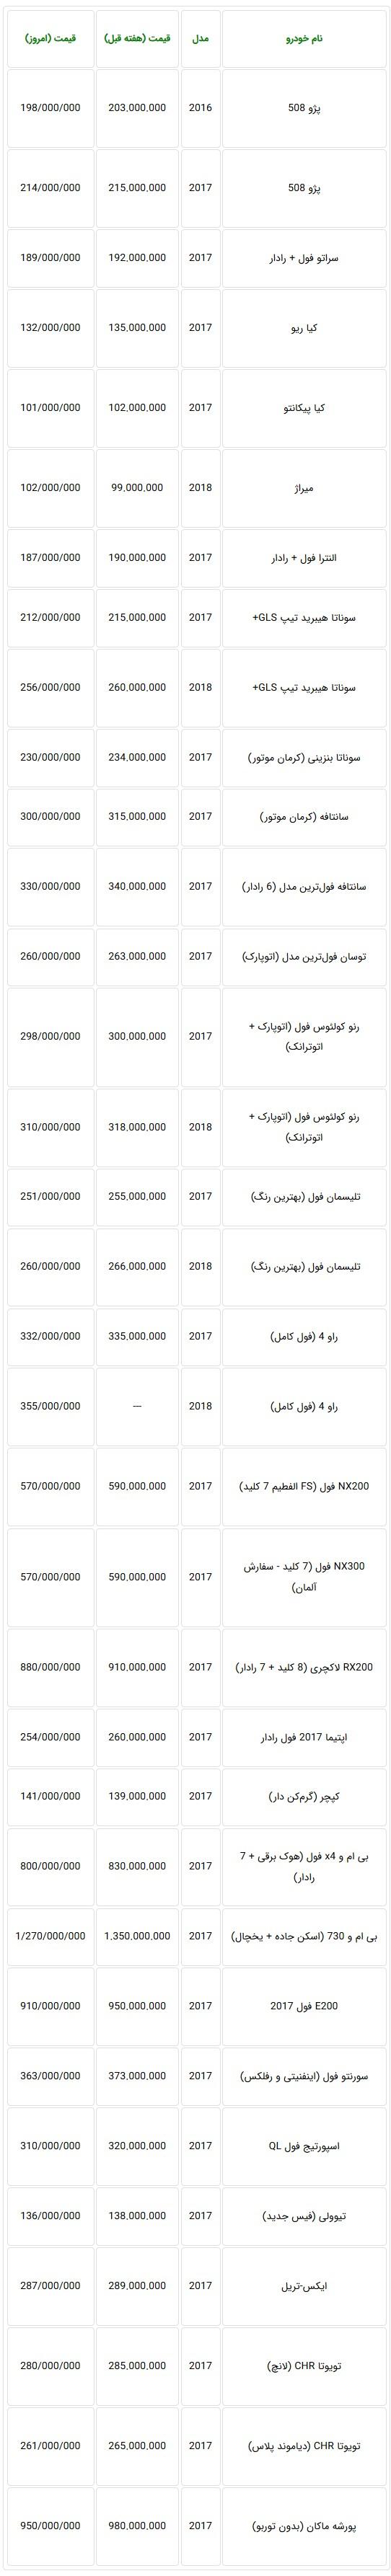 جدول قیمت جدید خودروهای وارداتی در بازار - امروز دوشنبه